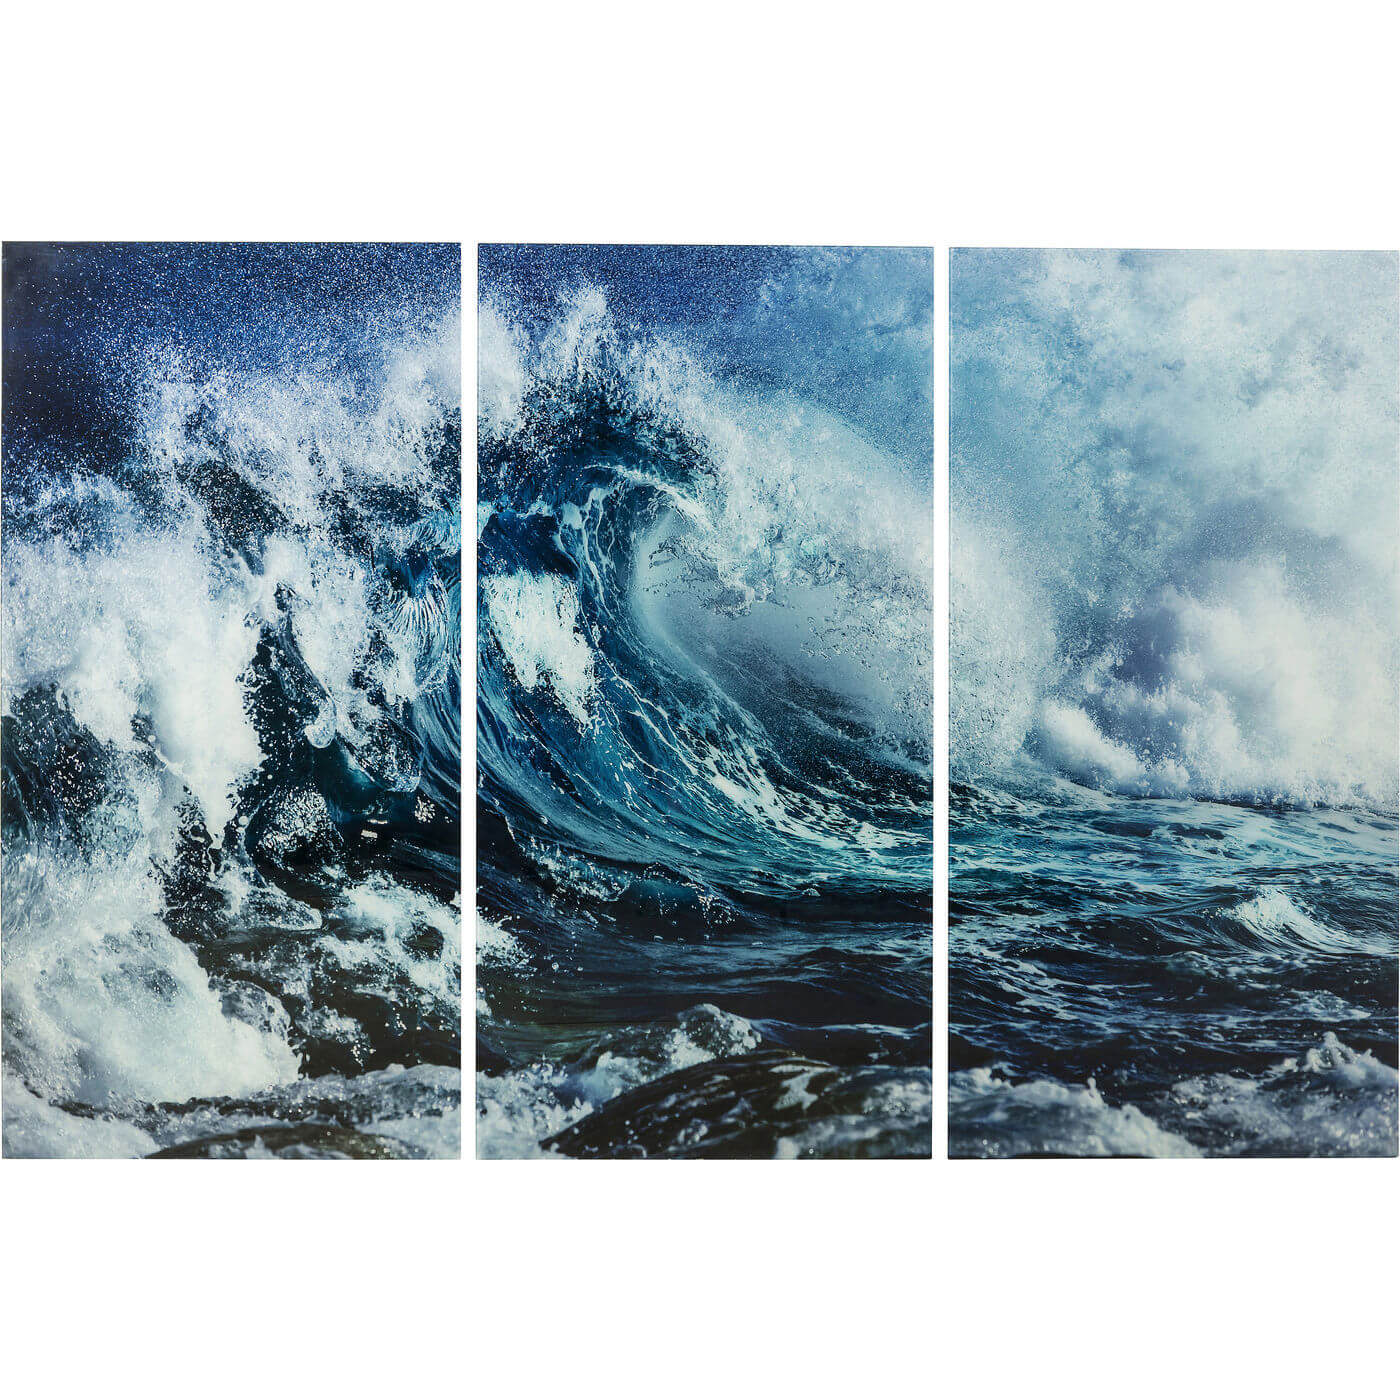 KARE DESIGN Triptychon Wave Plakat, Glas 160x240cm